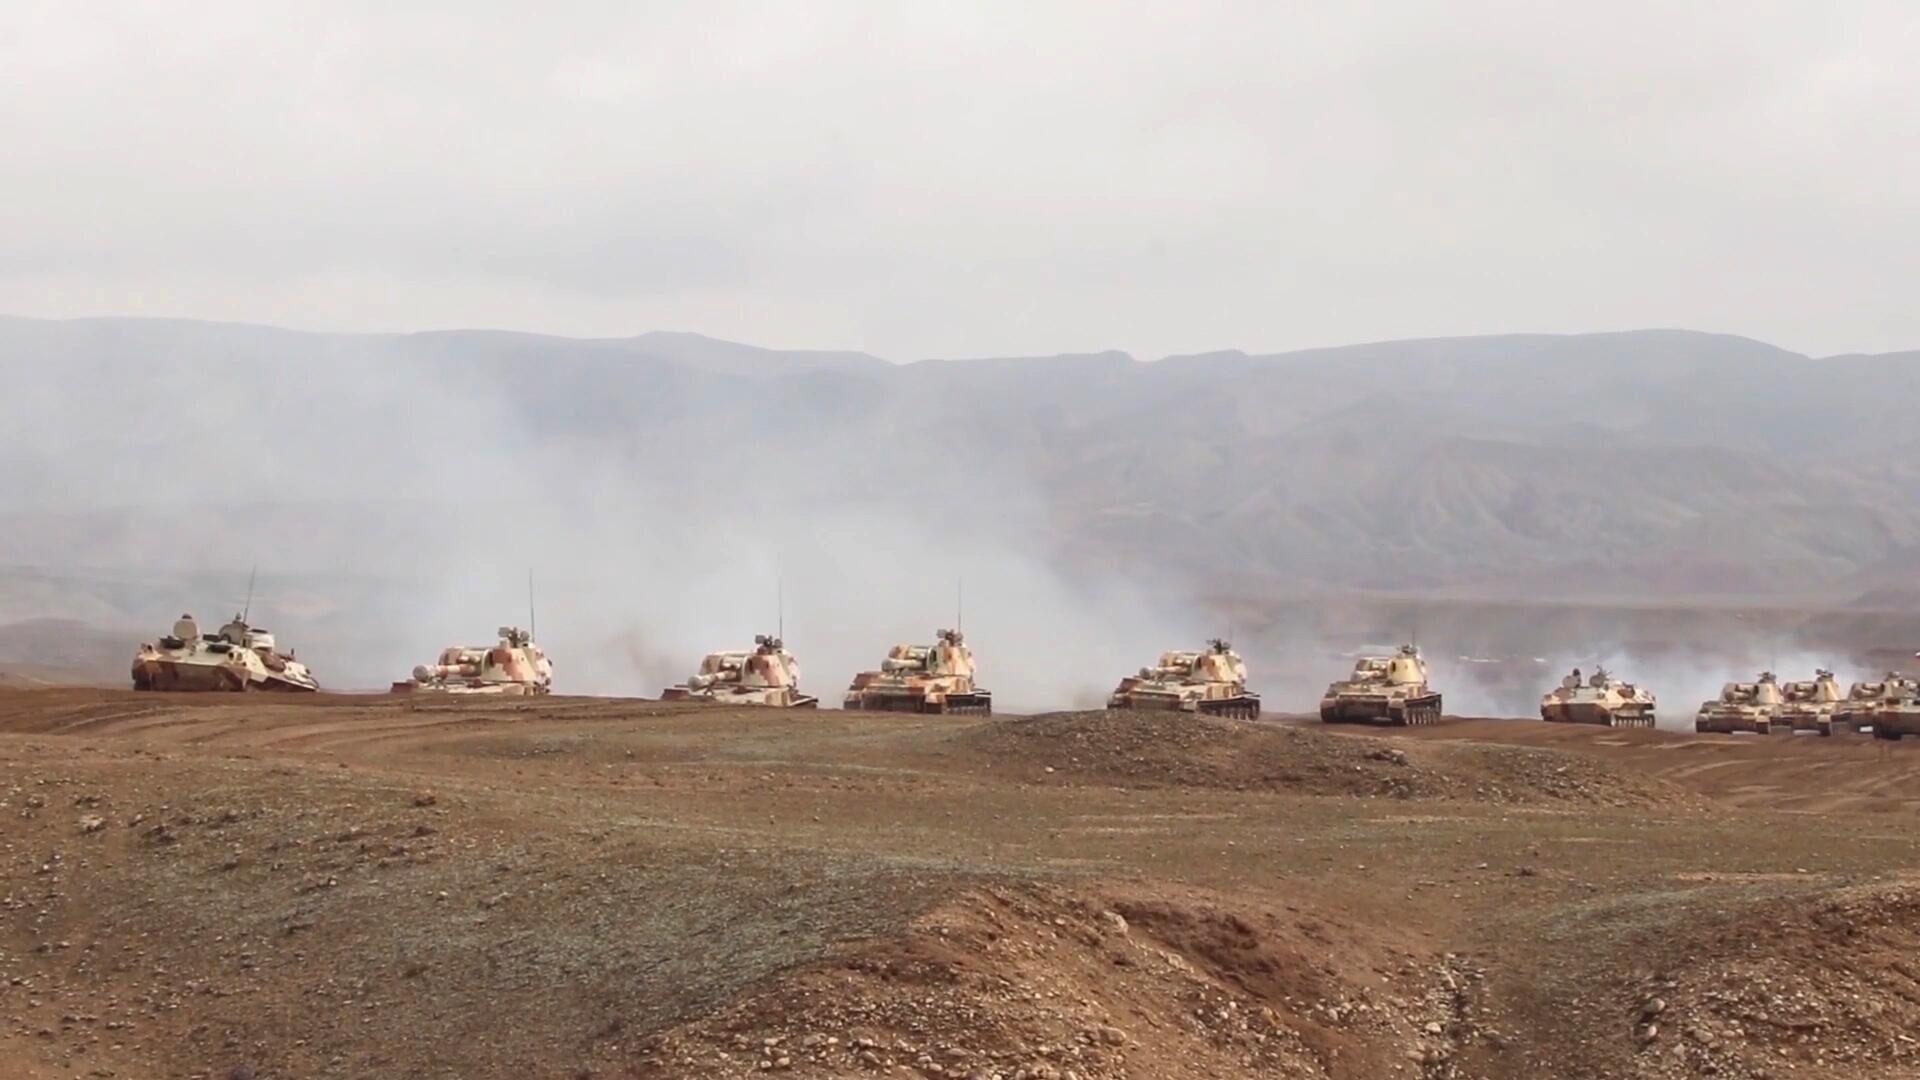 Konvoj ruskih oklopnih vozila na poligonu u Tadžikistanu u blizini granice sa Avganistanom - Sputnik Srbija, 1920, 15.09.2021